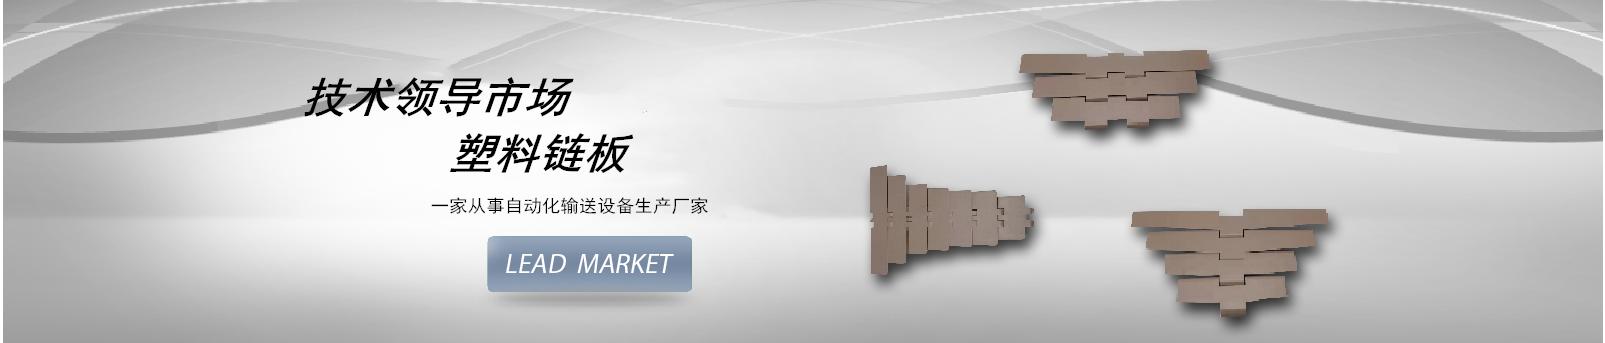 上海魚撲克app官網有限公司